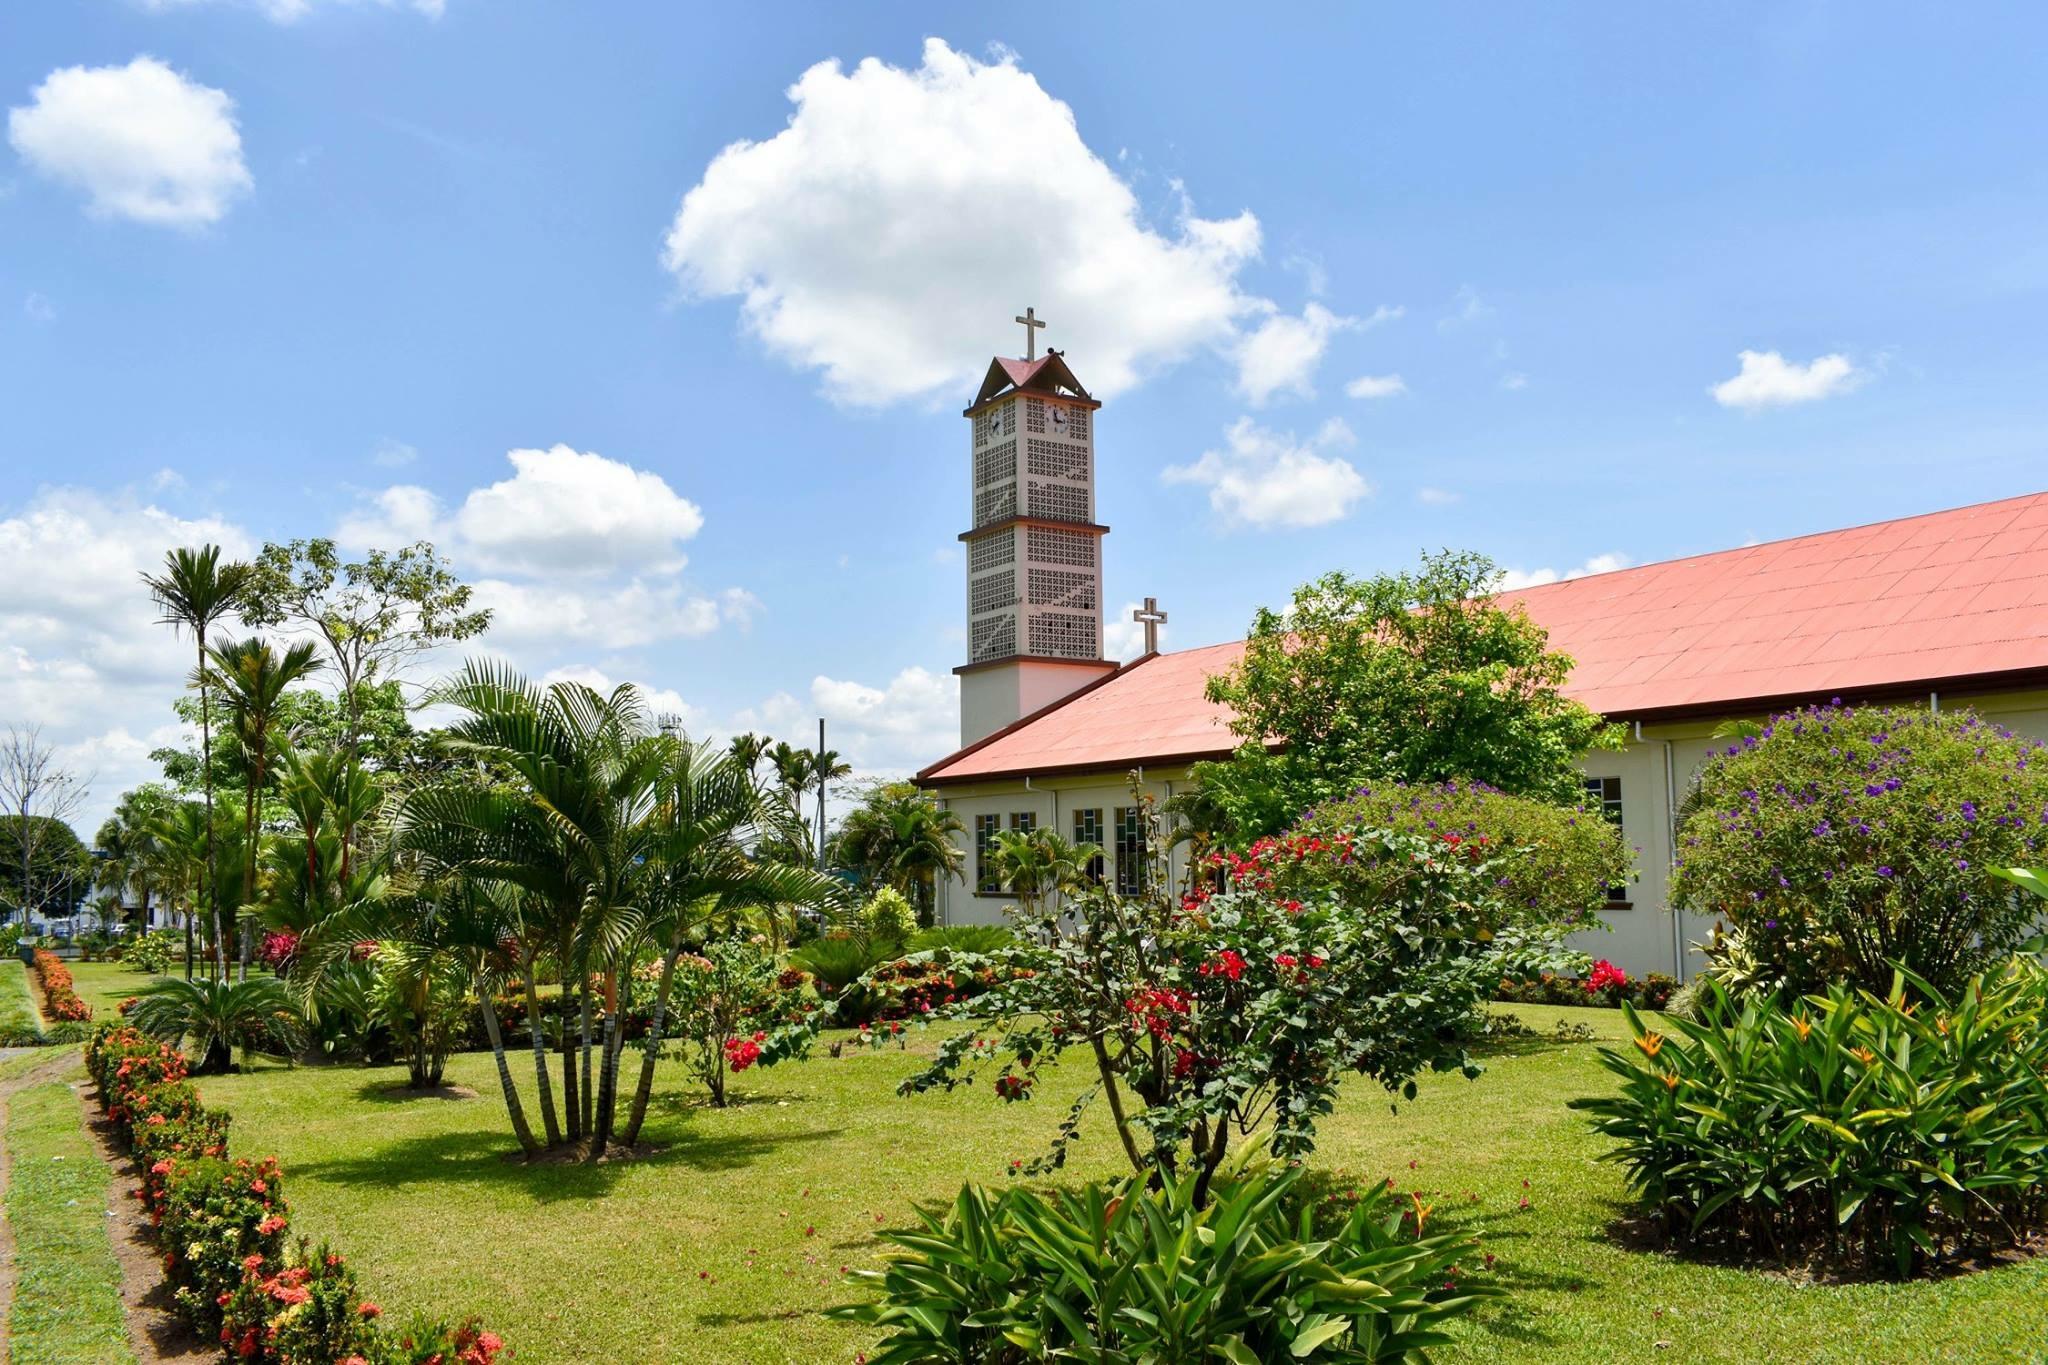 The Church of La Fortuna, Costa Rica